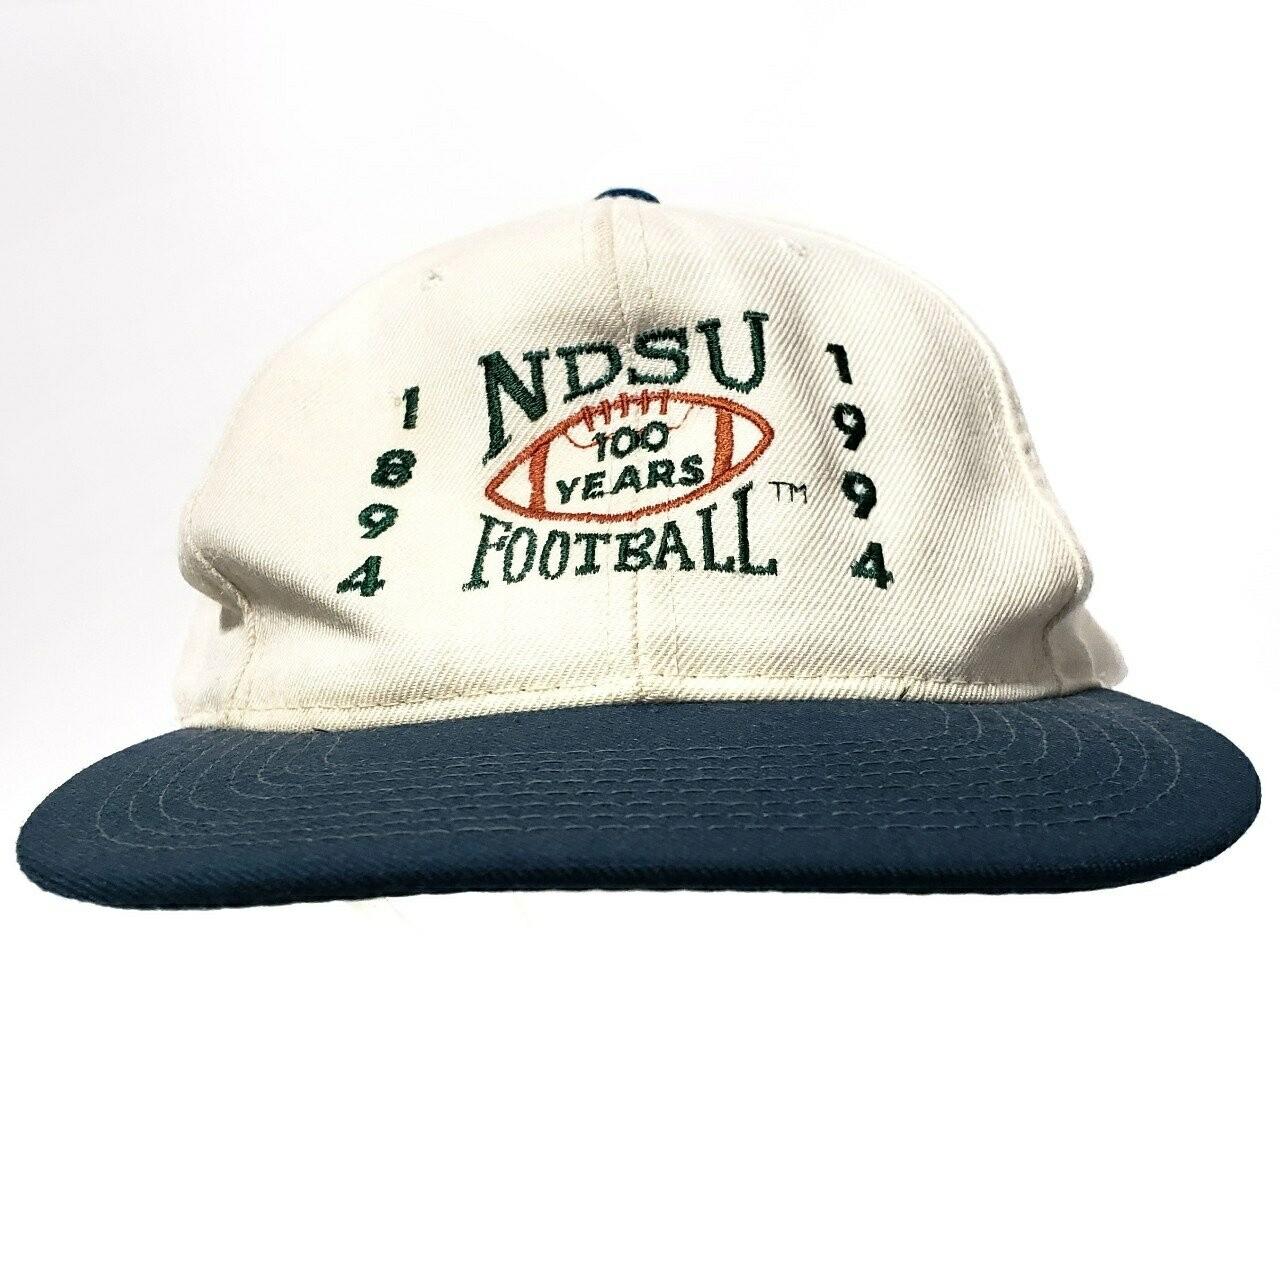 NDSU Bison Football Hat